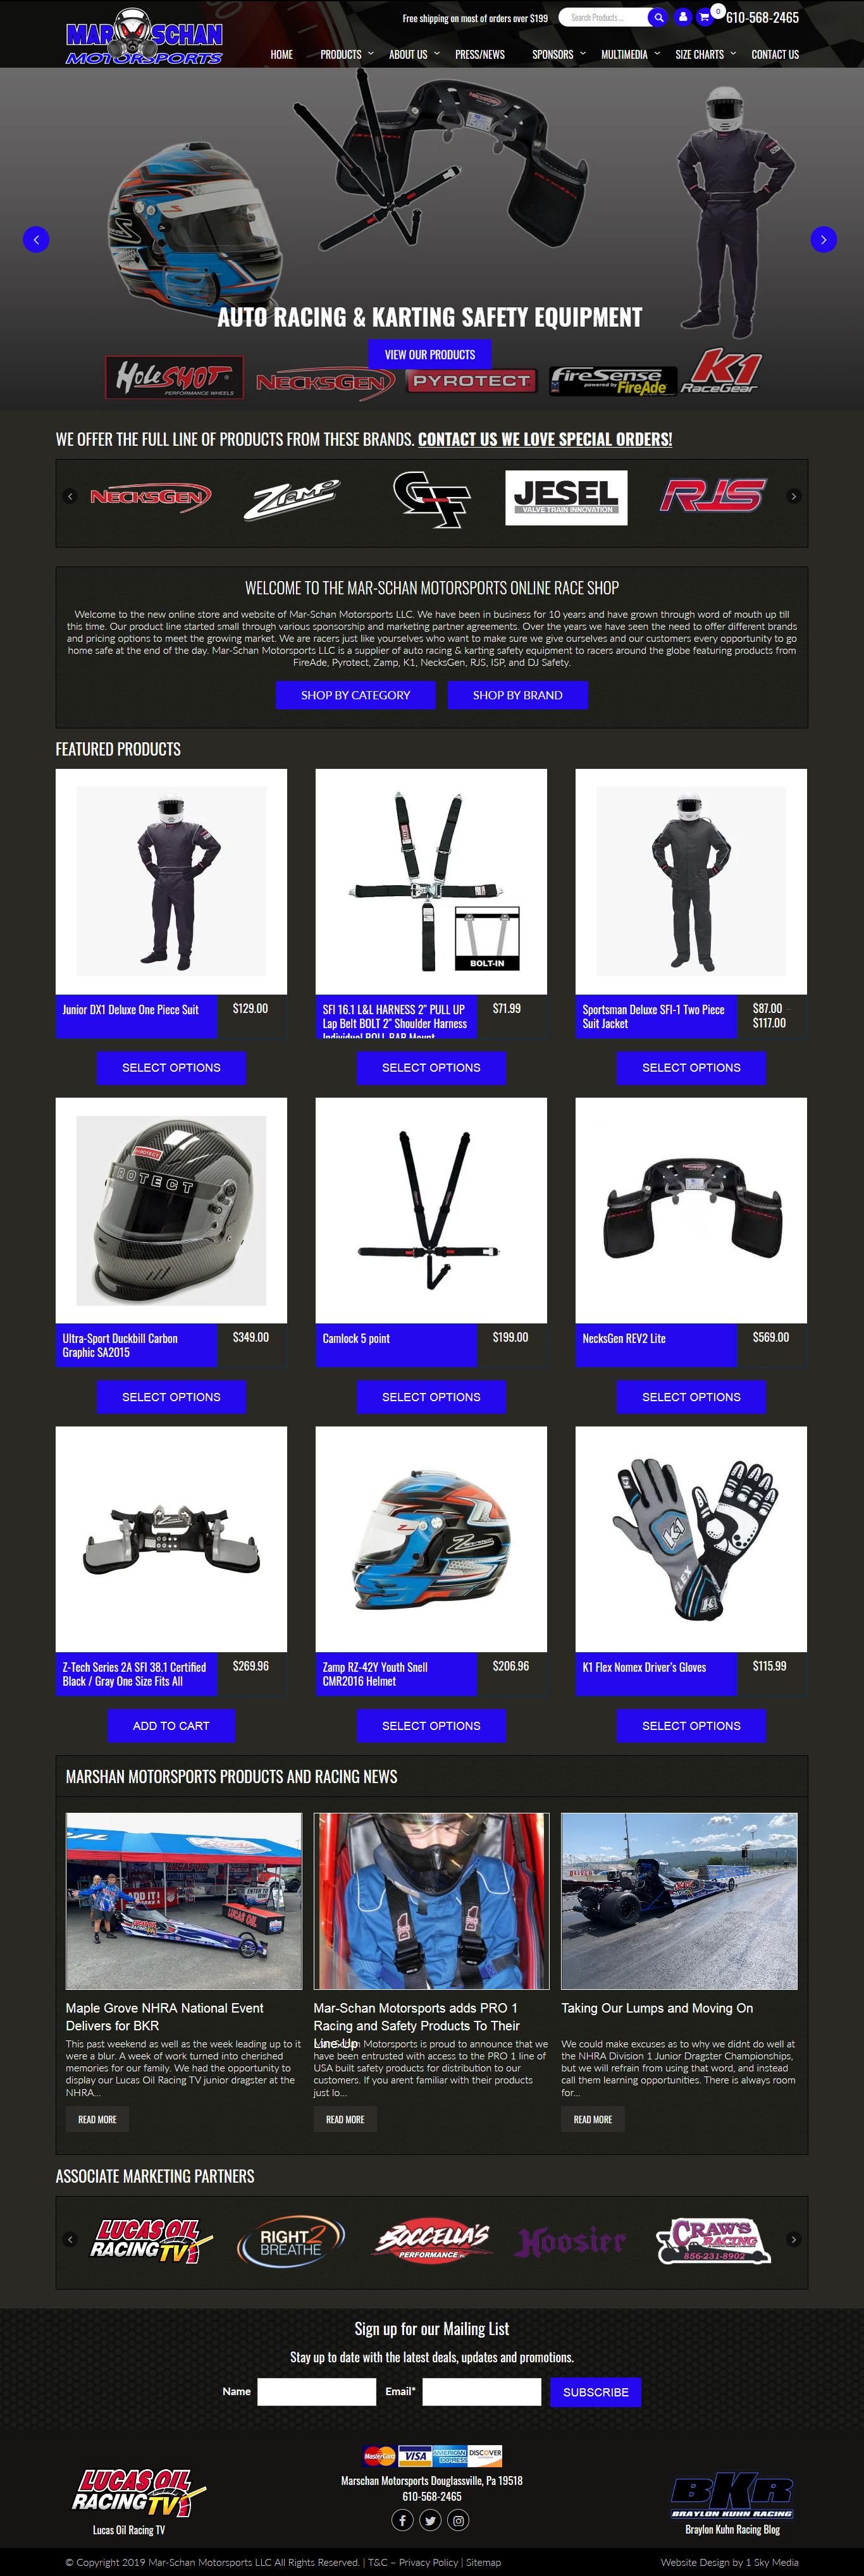 Mar-Schan Motorsports racing safety equipment retailer website design